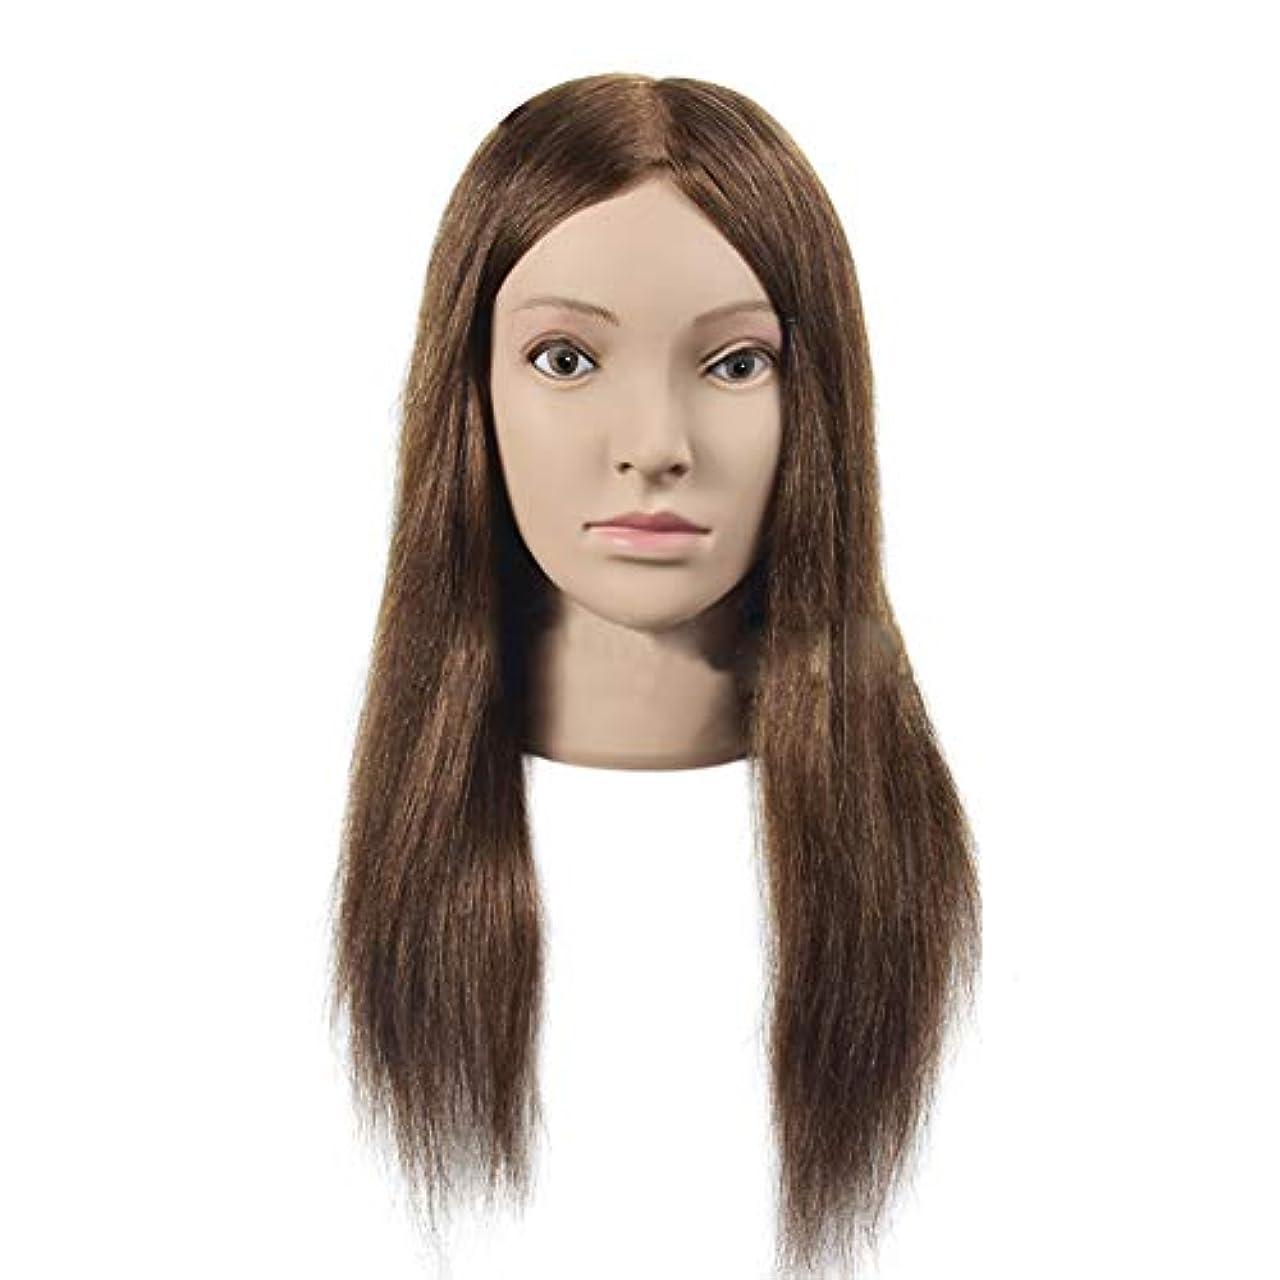 悩み陽気な調整専門の練習ホット染色漂白はさみモデリングマネキン髪編組髪かつら女性モデルティーチングヘッド